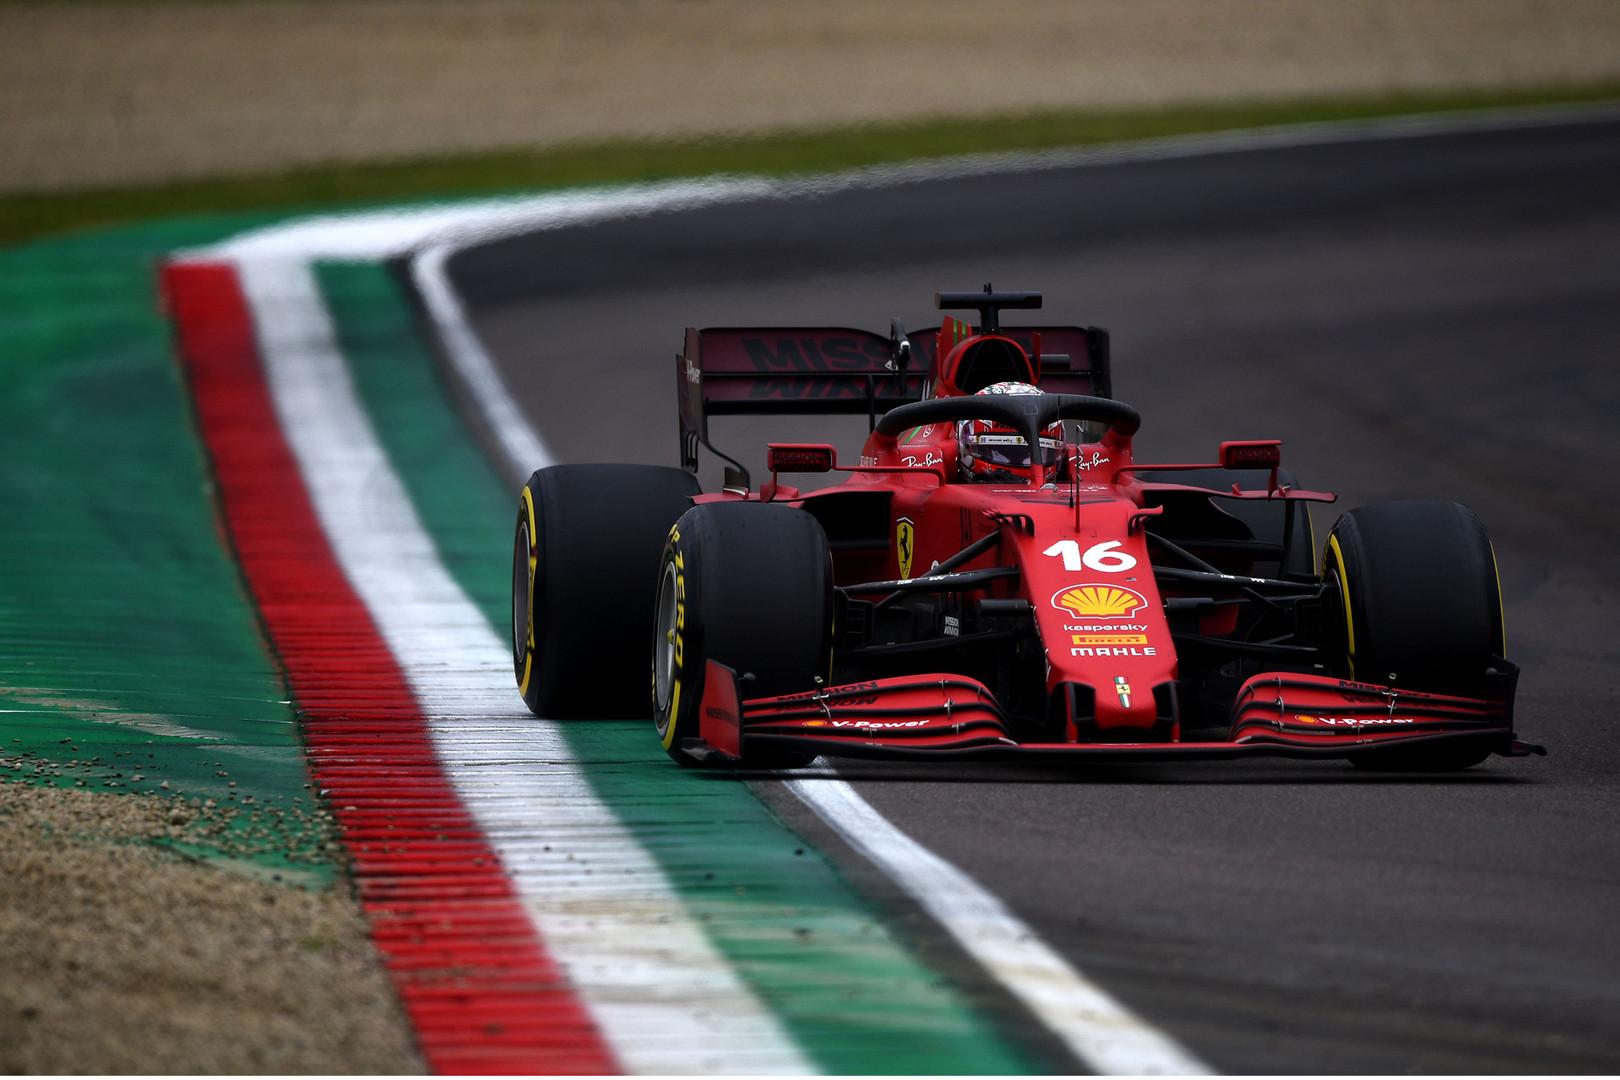 C. Leclercas apgailestavo dėl neišnaudotos progos užlipti ant podiumo